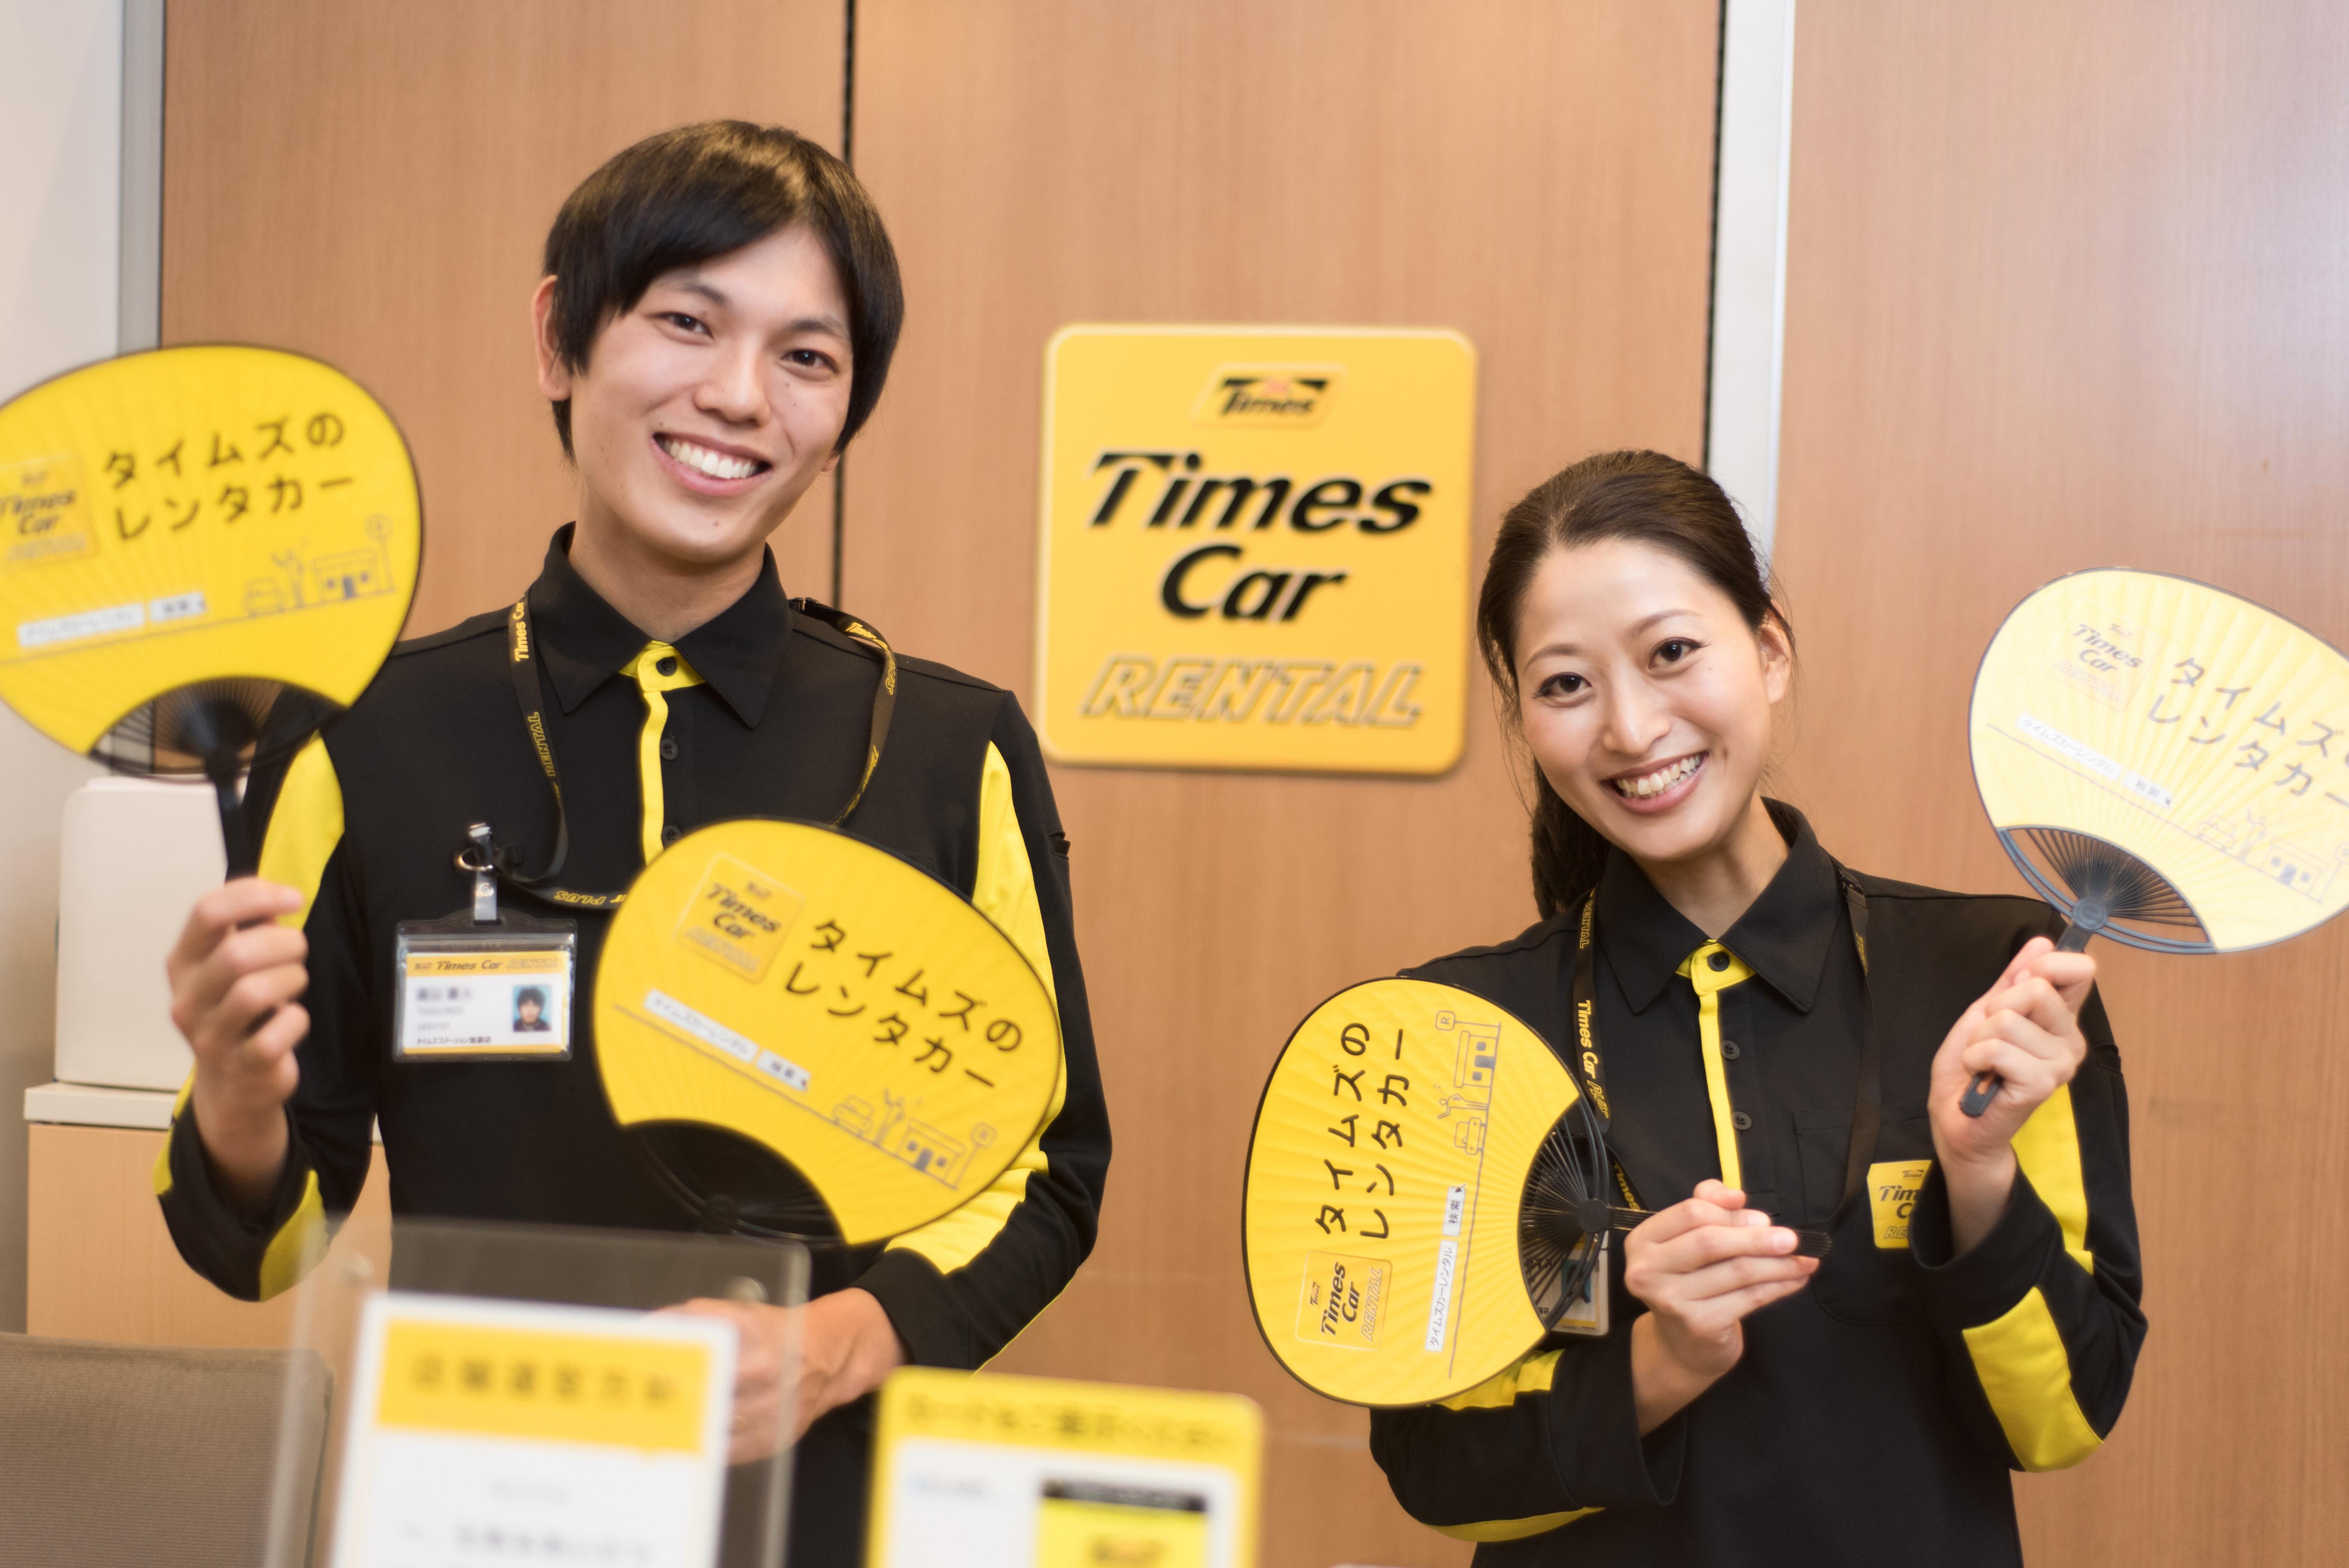 タイムズカーレンタル 米子中央店 のアルバイト情報